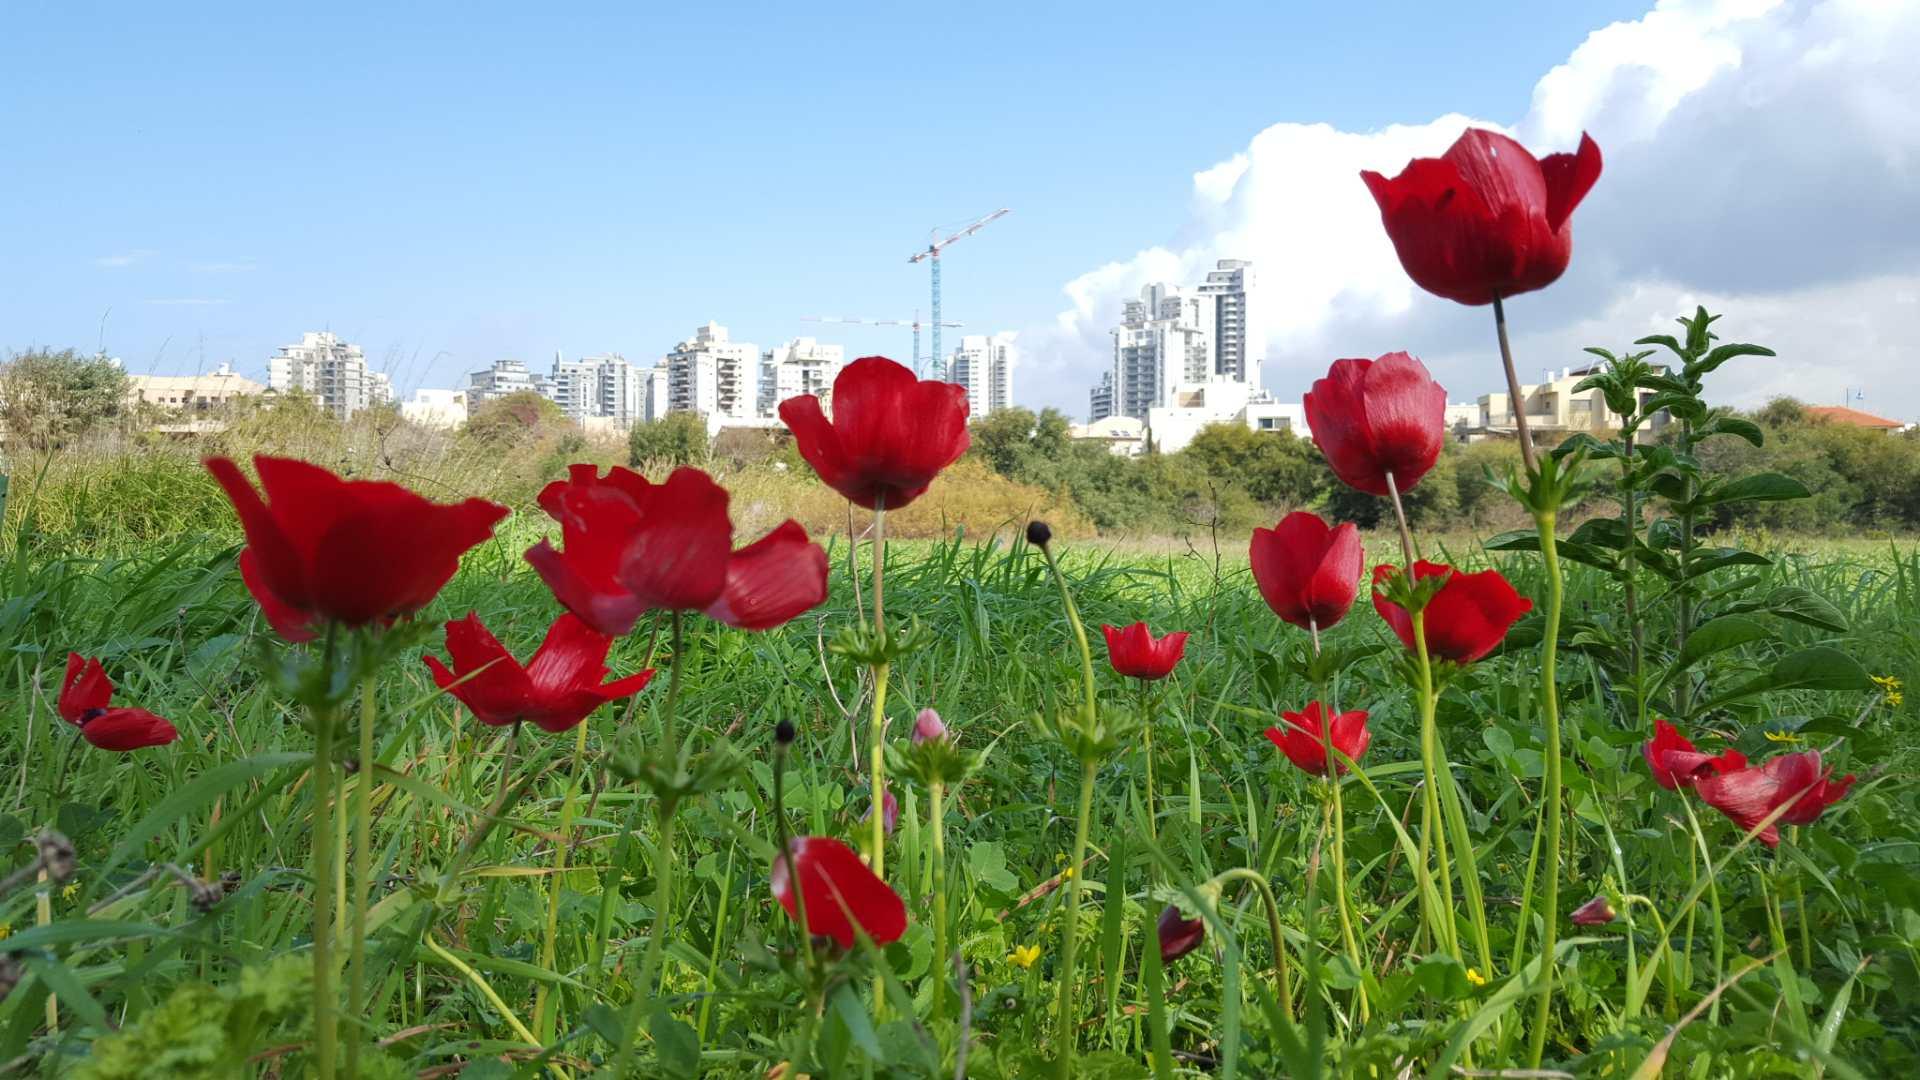 פריחה בטבע עירוני